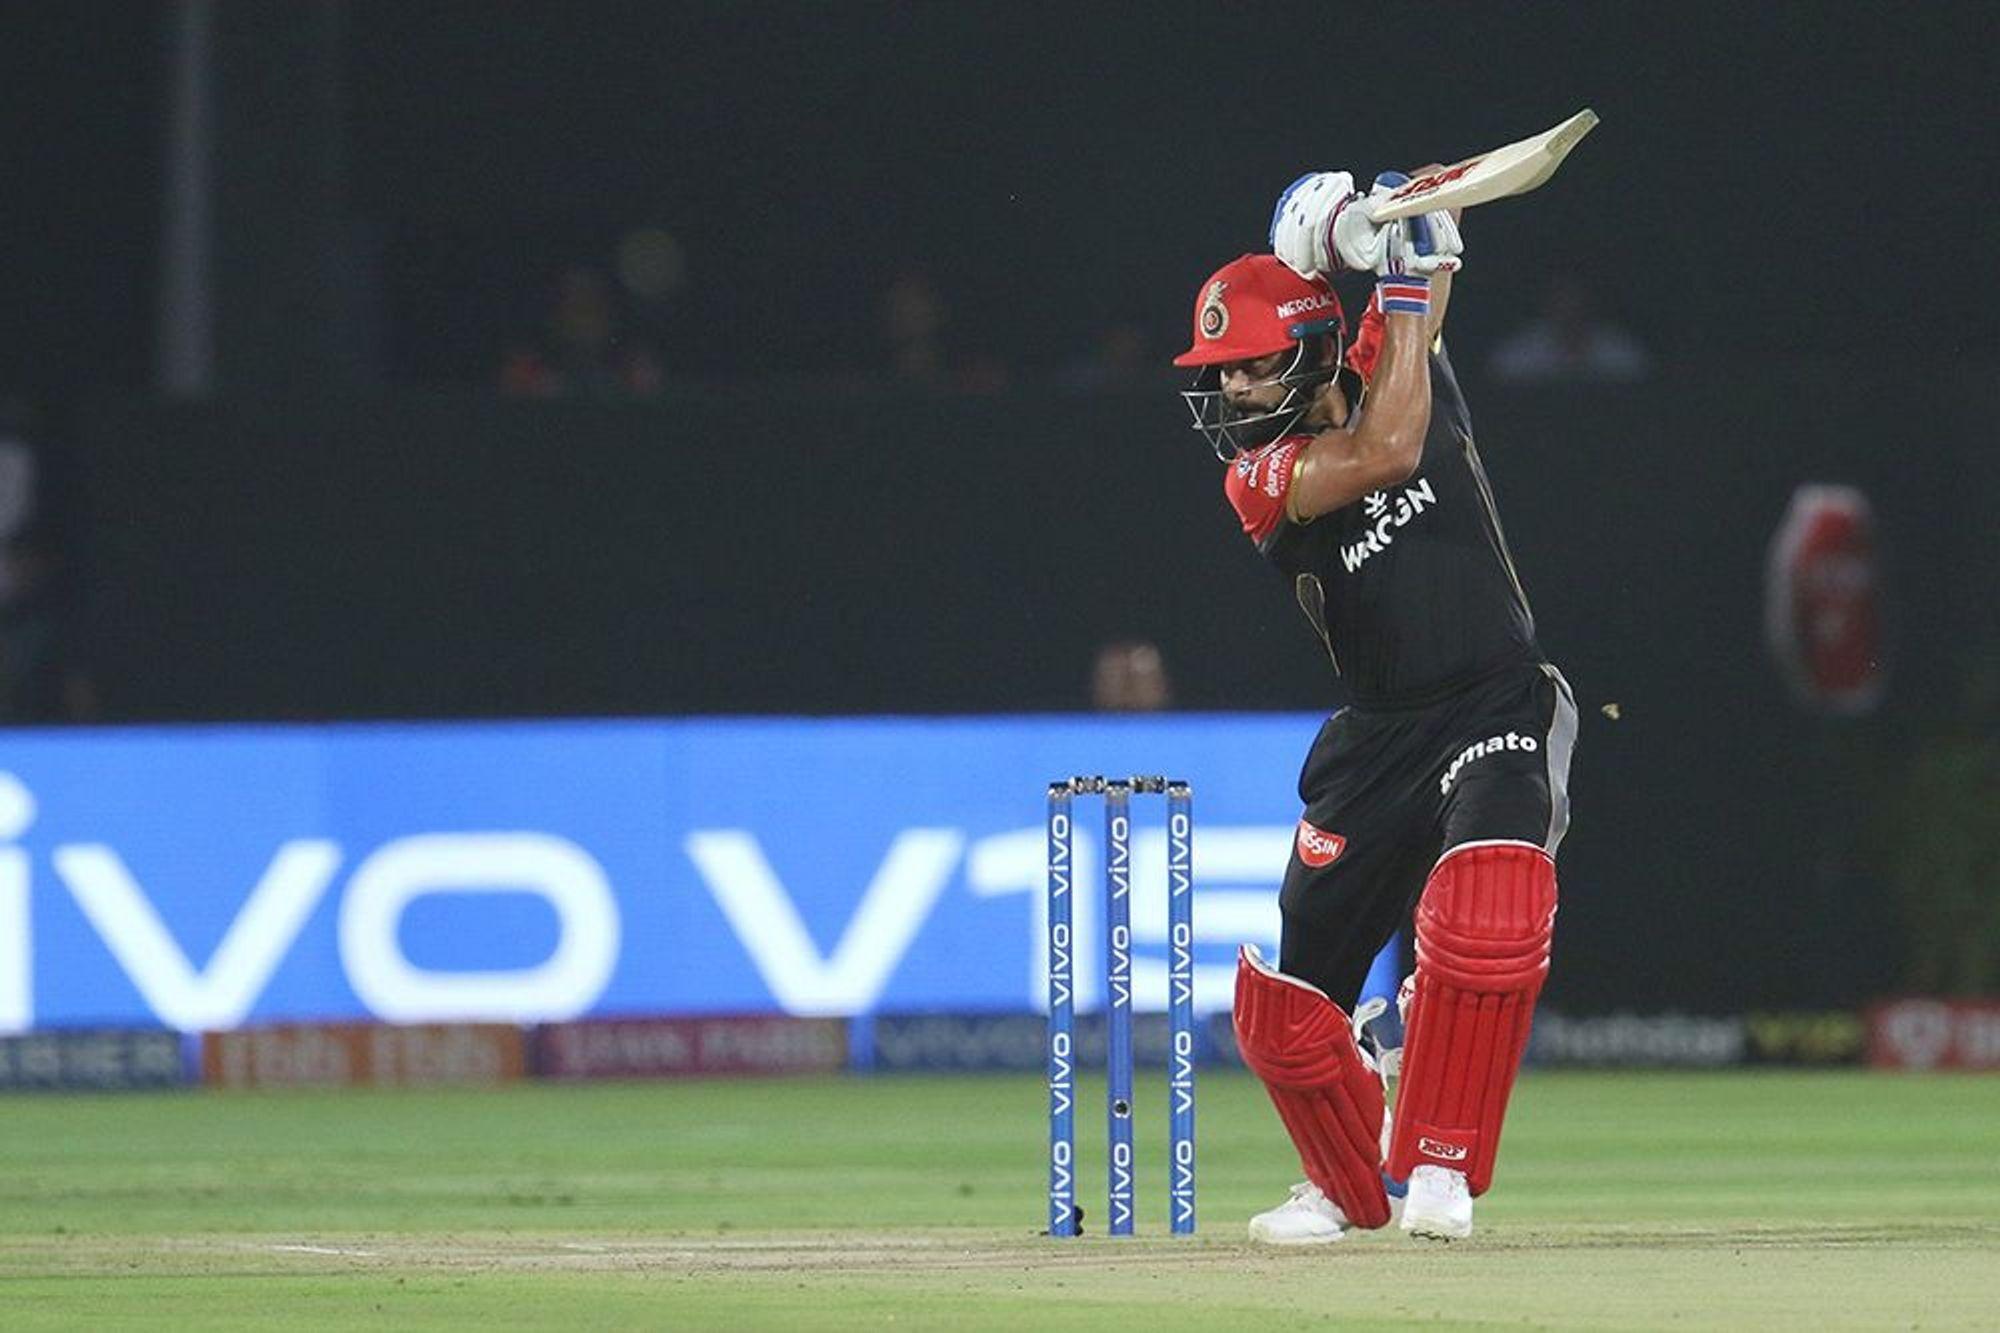 क्या अंत की ओर है विराट कोहली का कप्तानी करियर? पहले टी-20 फिर वनडे और आईपीएल सभी में फ्लॉप 15